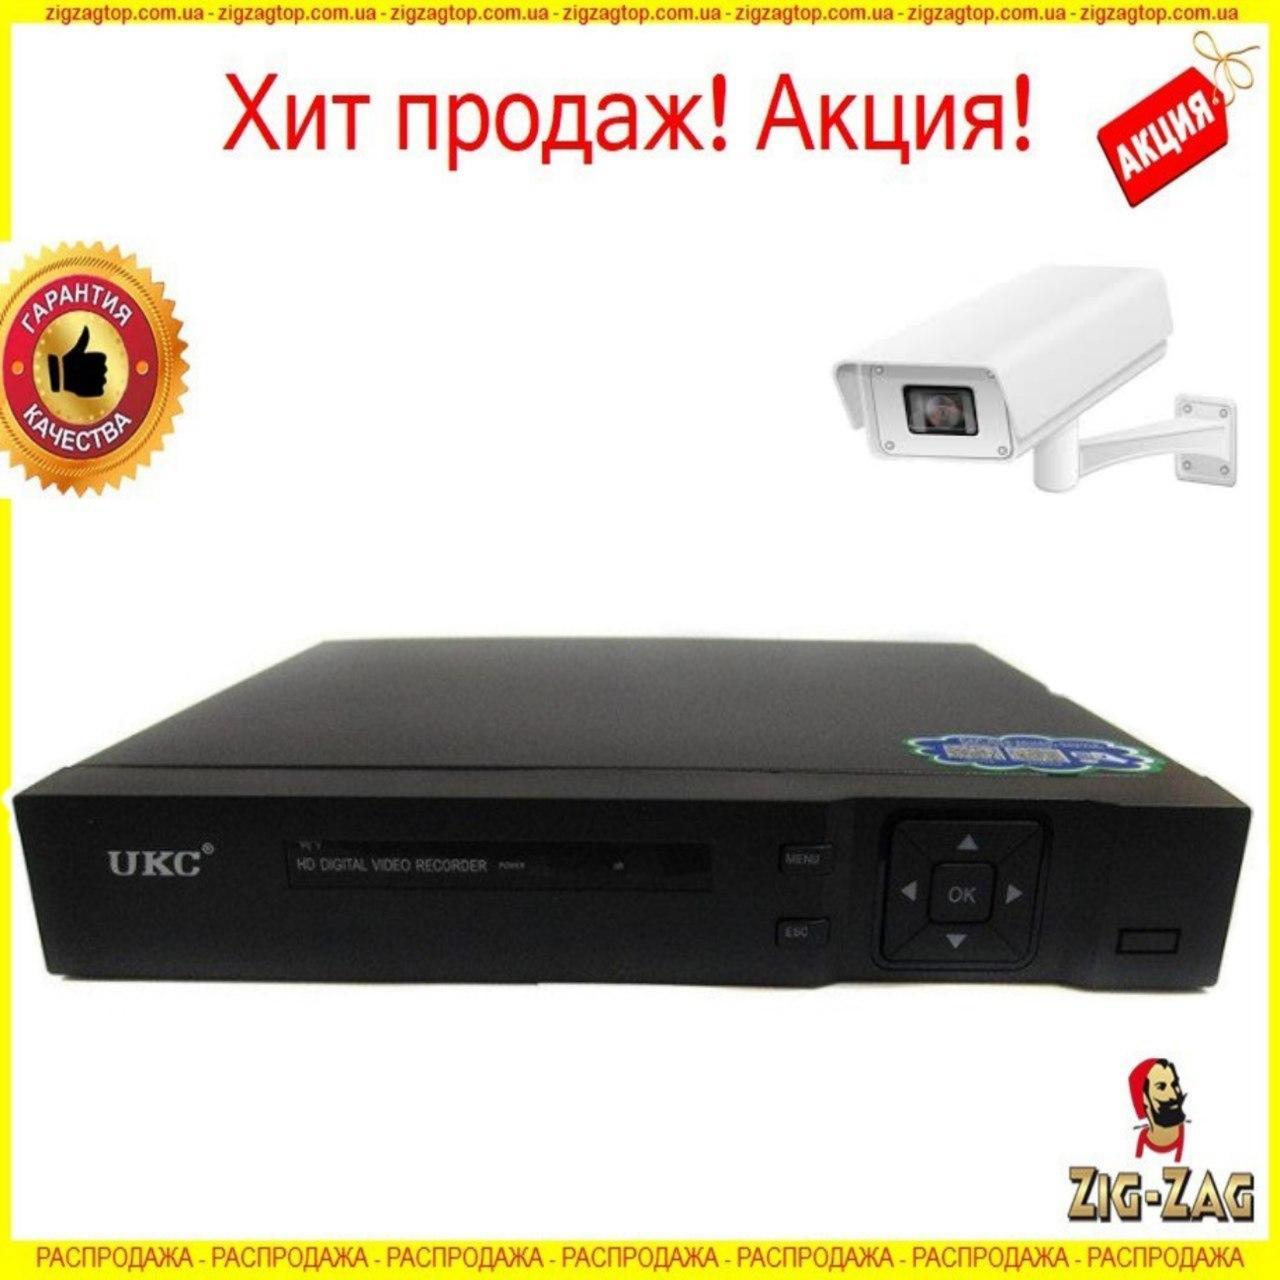 Система Видеонаблюдения FULL HD CAD 1204 DVR UKC Регистратор для Камер на 4 Камеры канальный